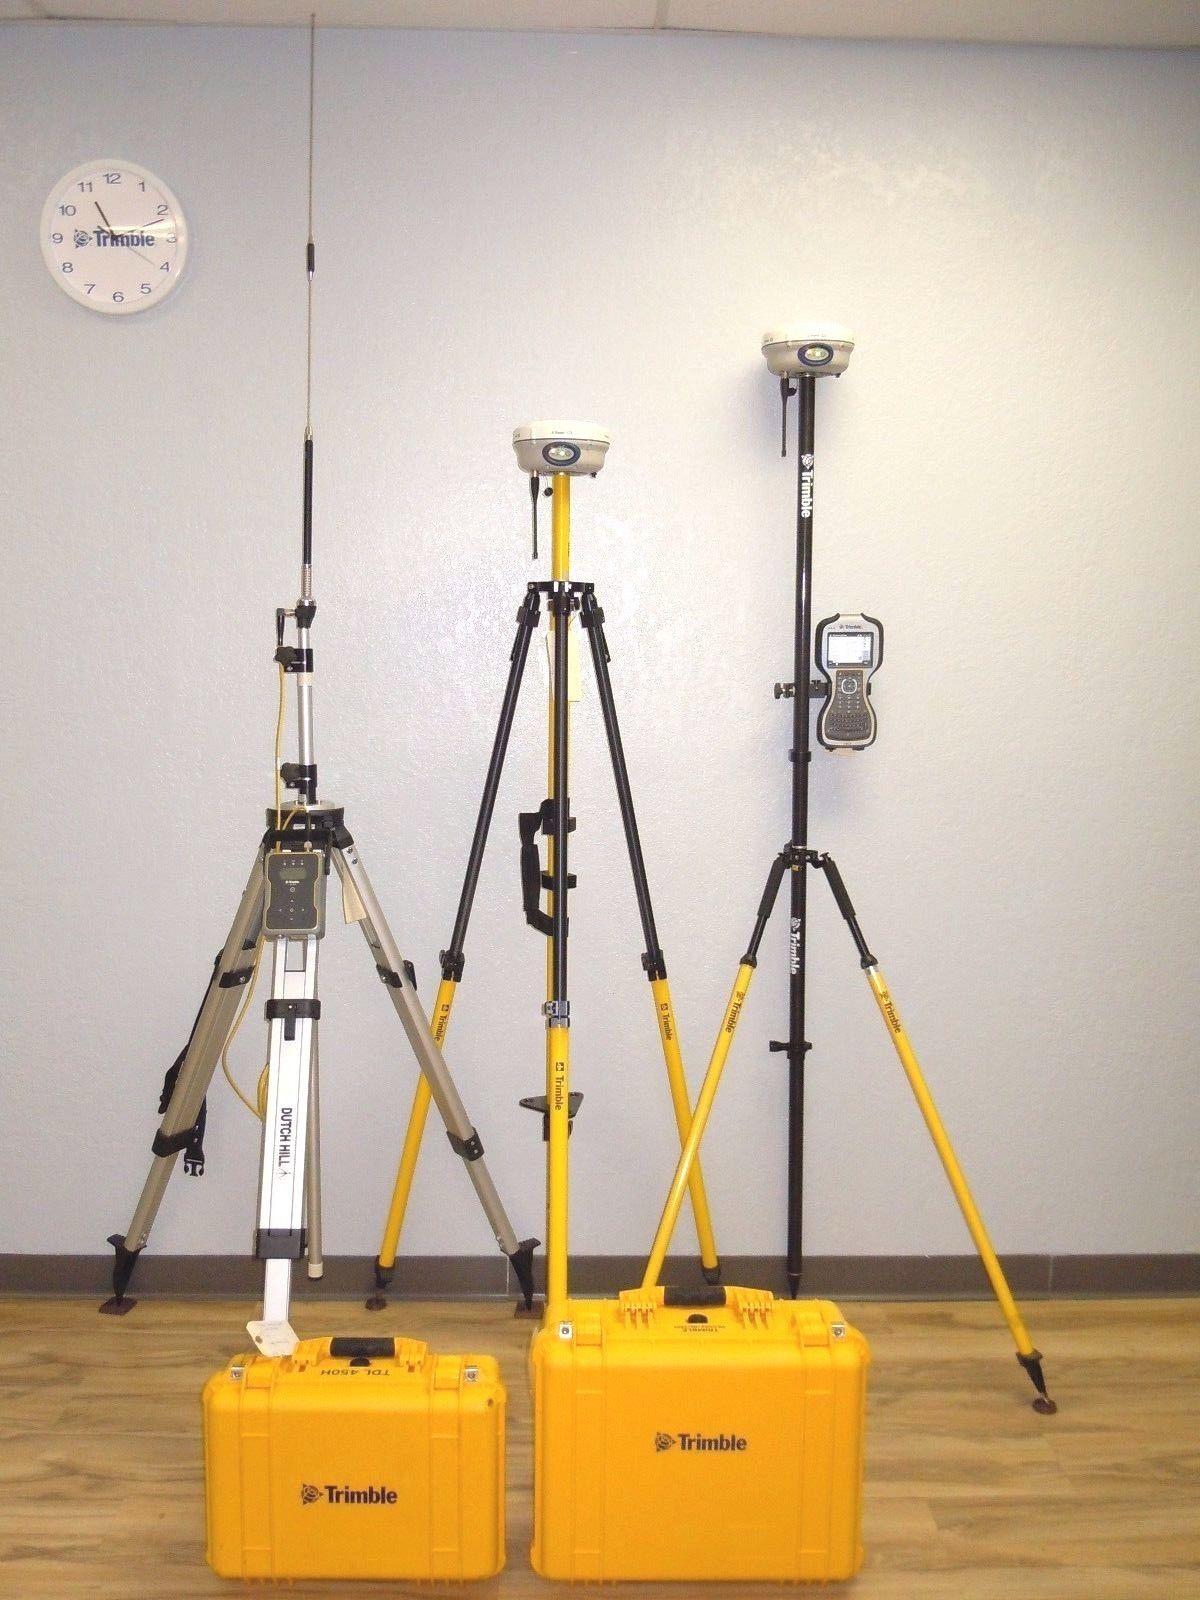 Trimble R6 model 4 GNSS GPS Galileo L1 L2 L2c L5 RTK 450-470mhz TSC3  TDL-450H R8